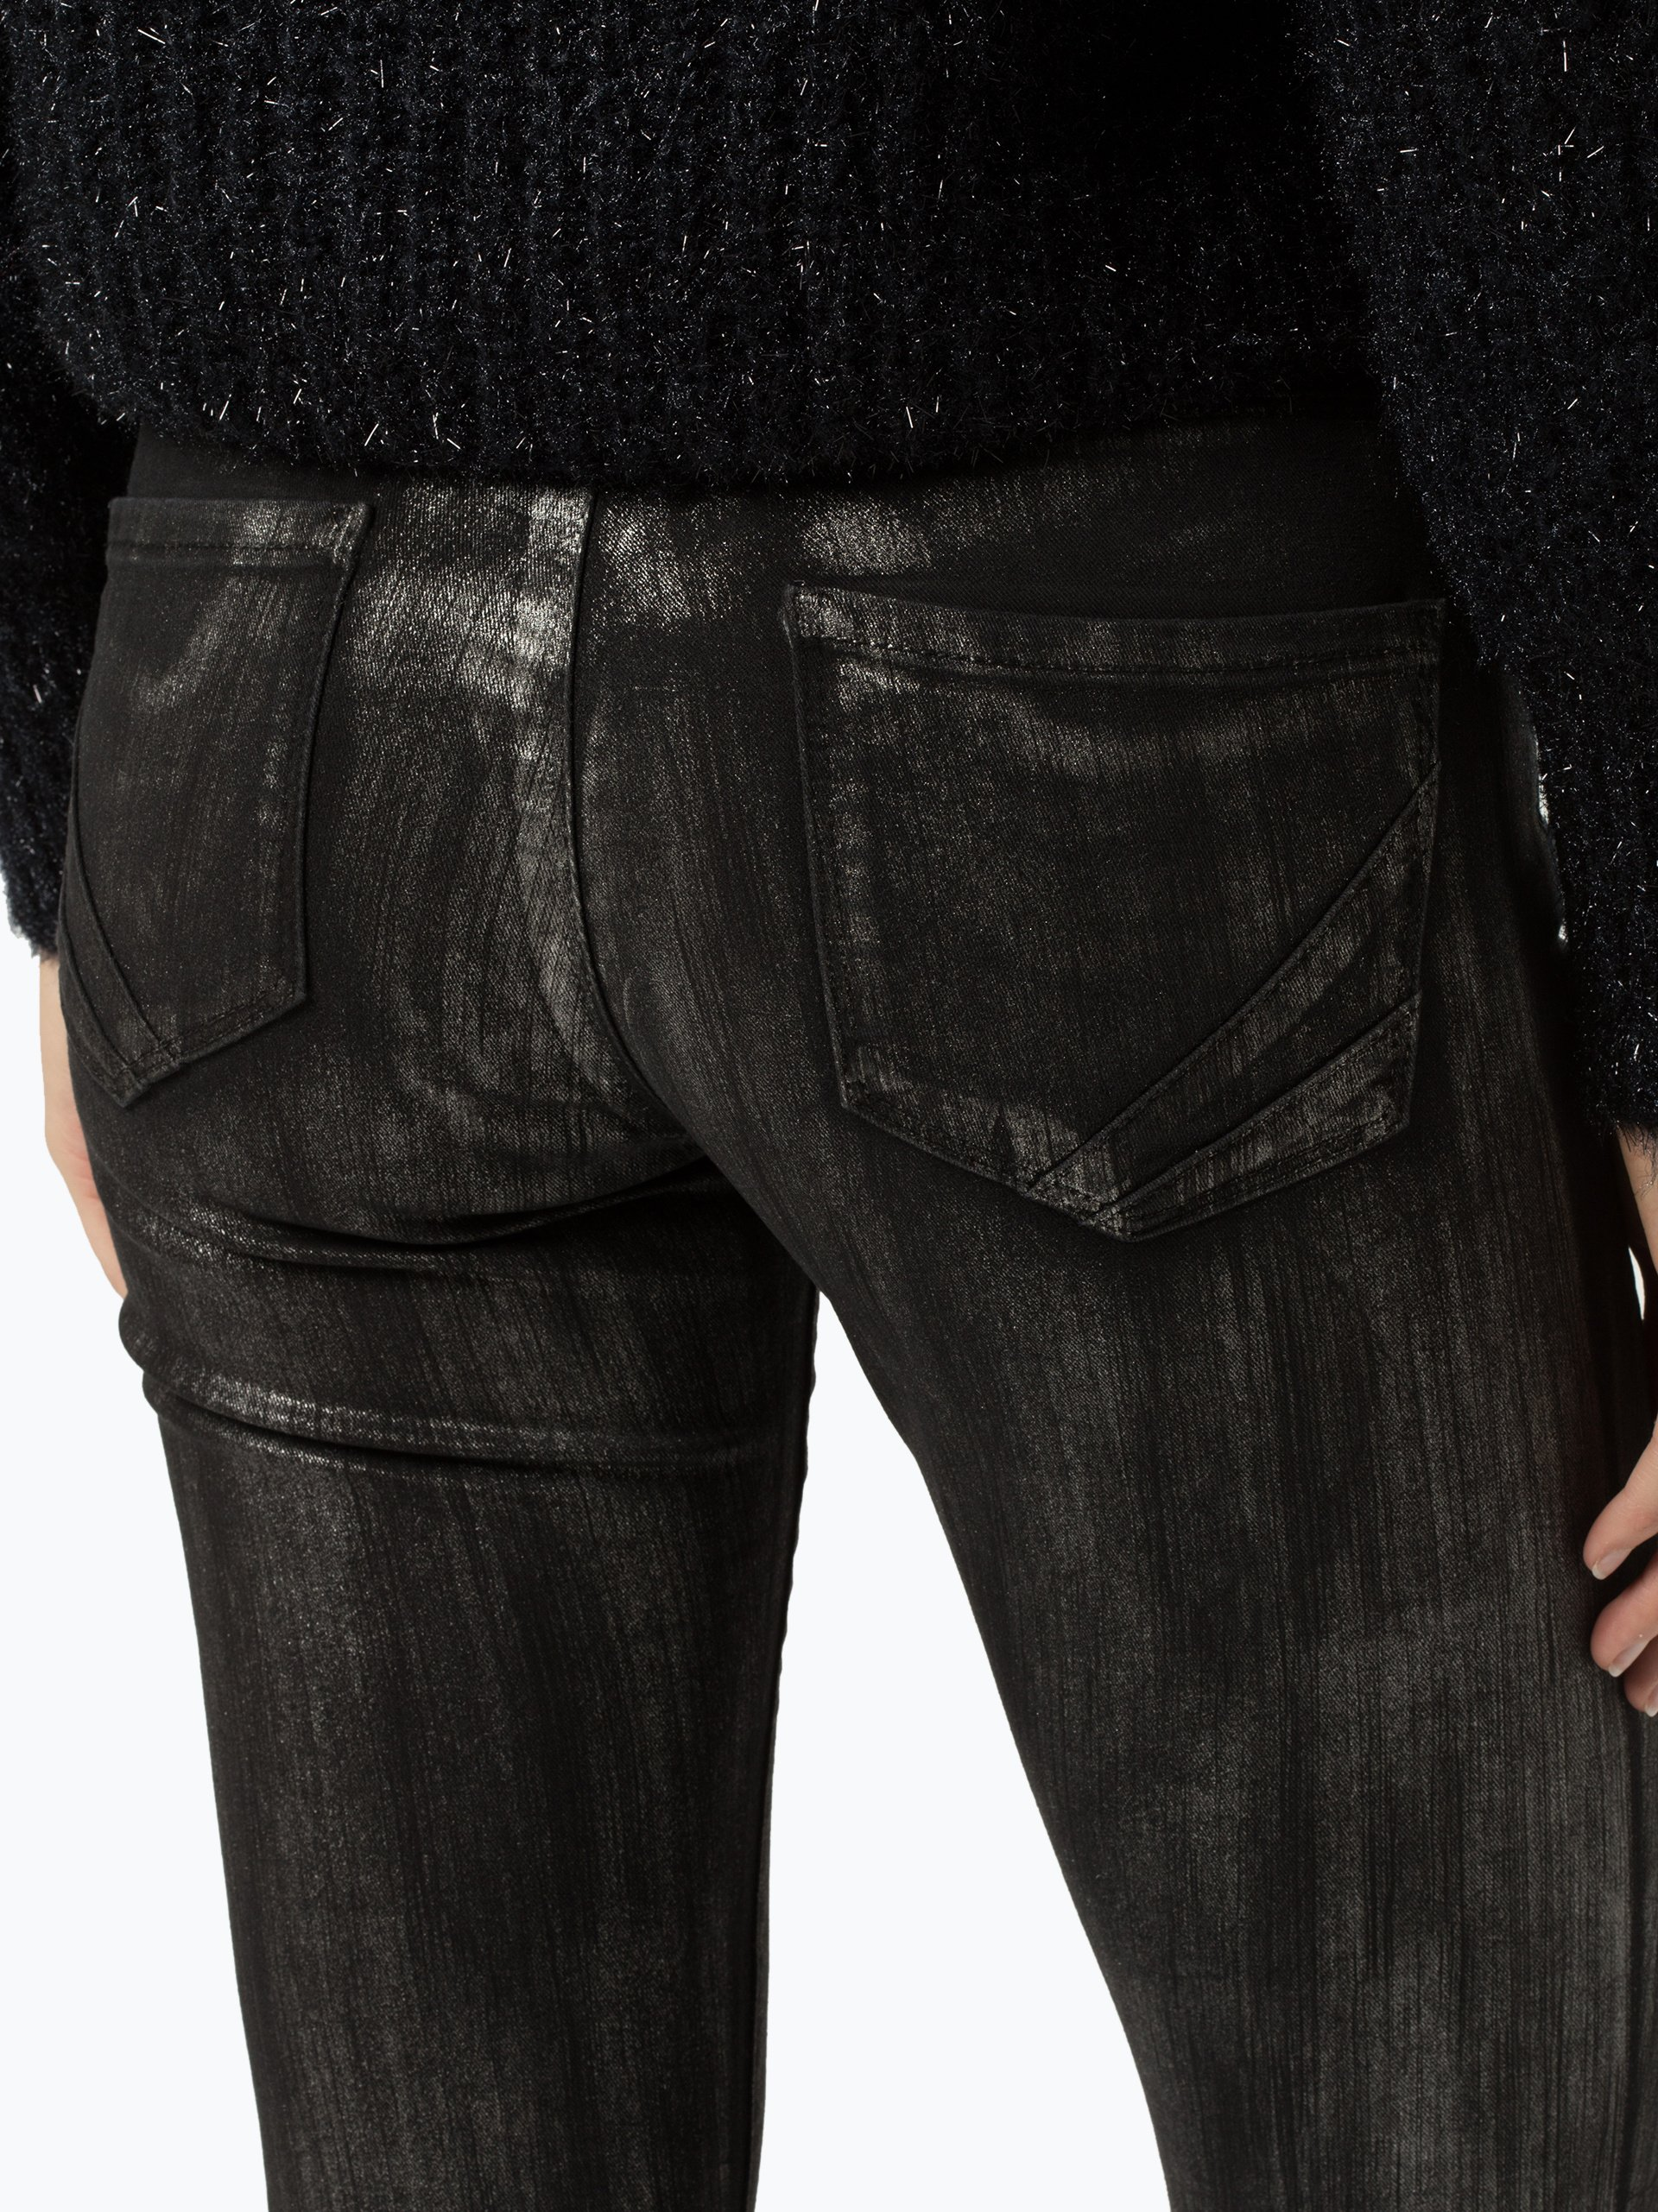 Pepe Jeans Damen Jeans - Lola Steel